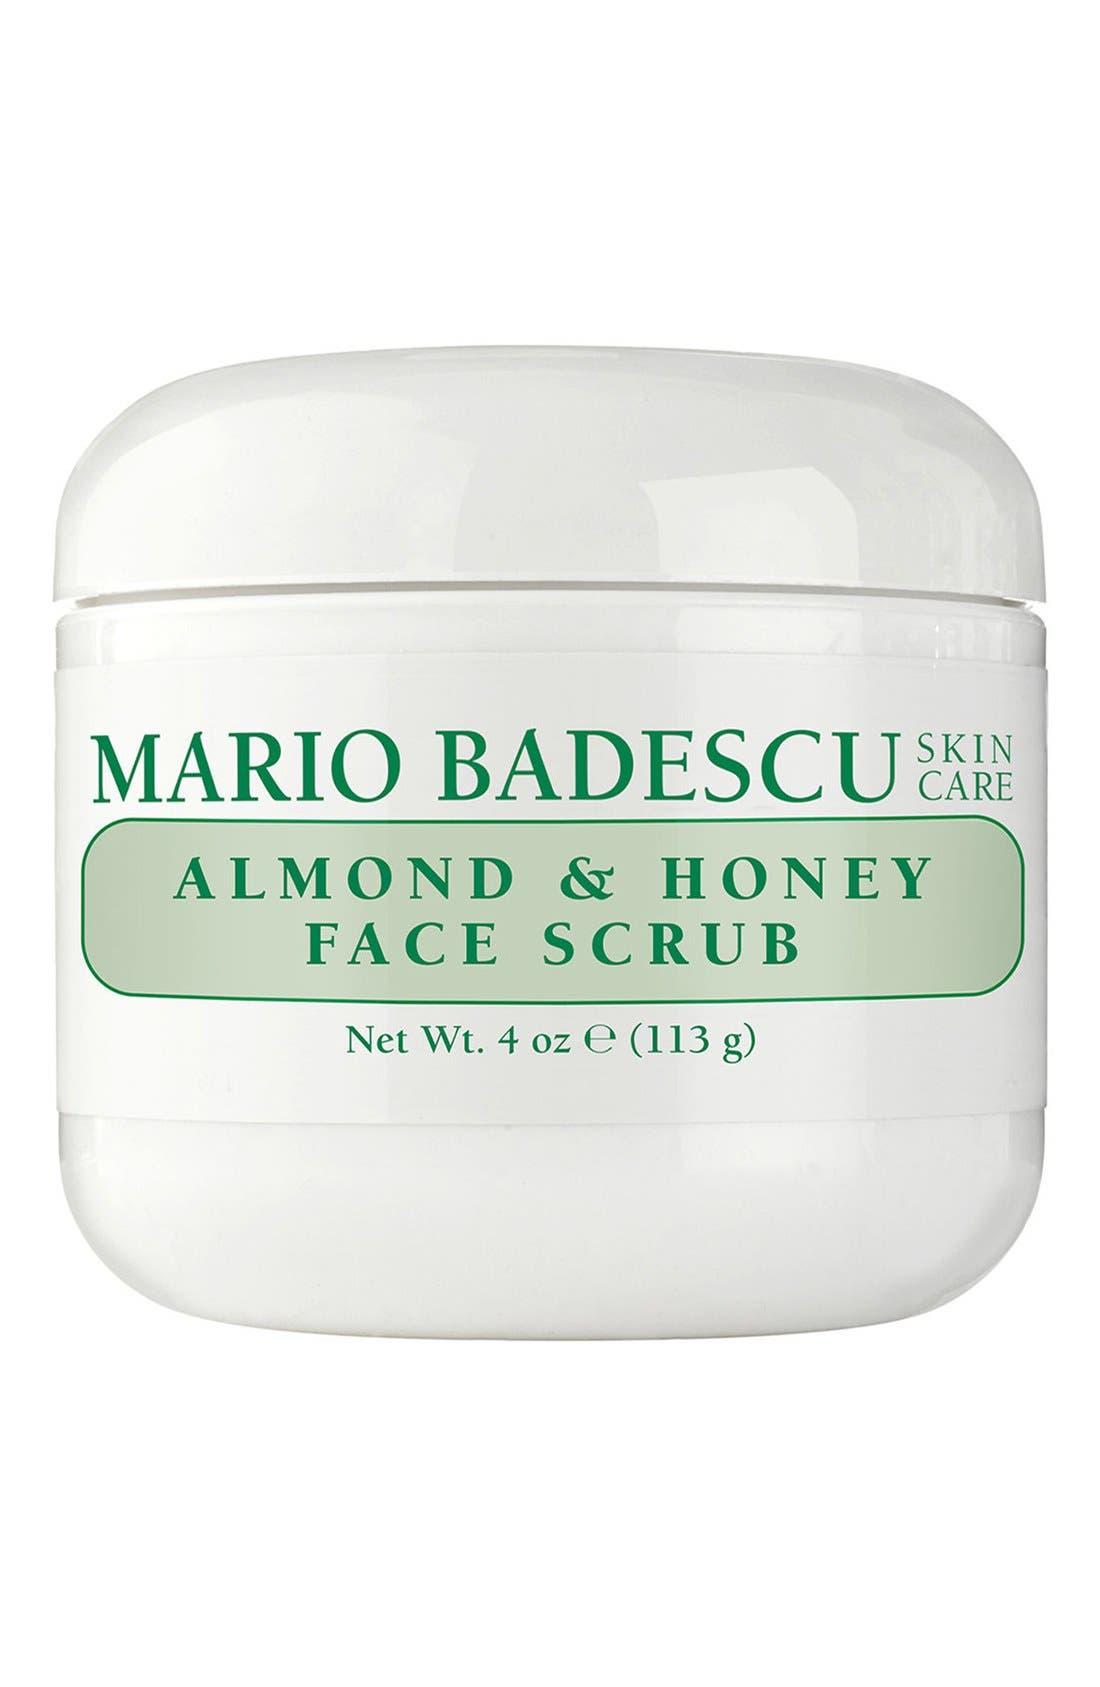 Mario Badescu Almond & Honey Face Scrub